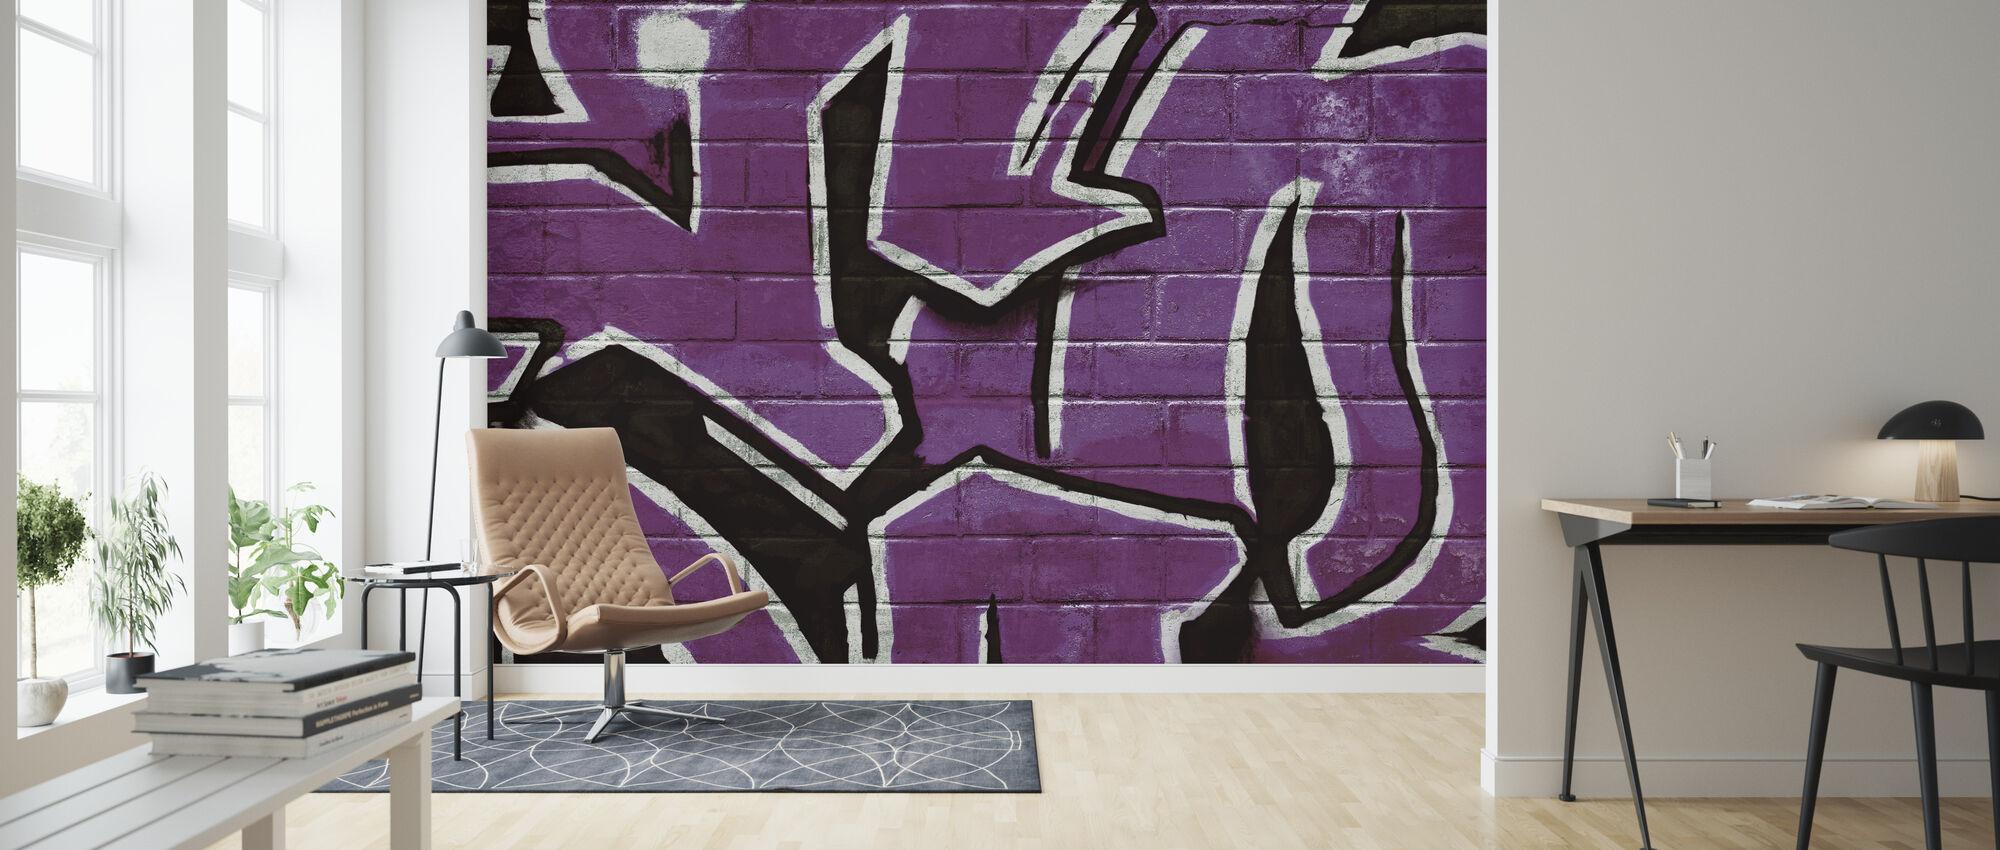 Graffiti Tiiliseinä - Violetti - Tapetti - Olohuone